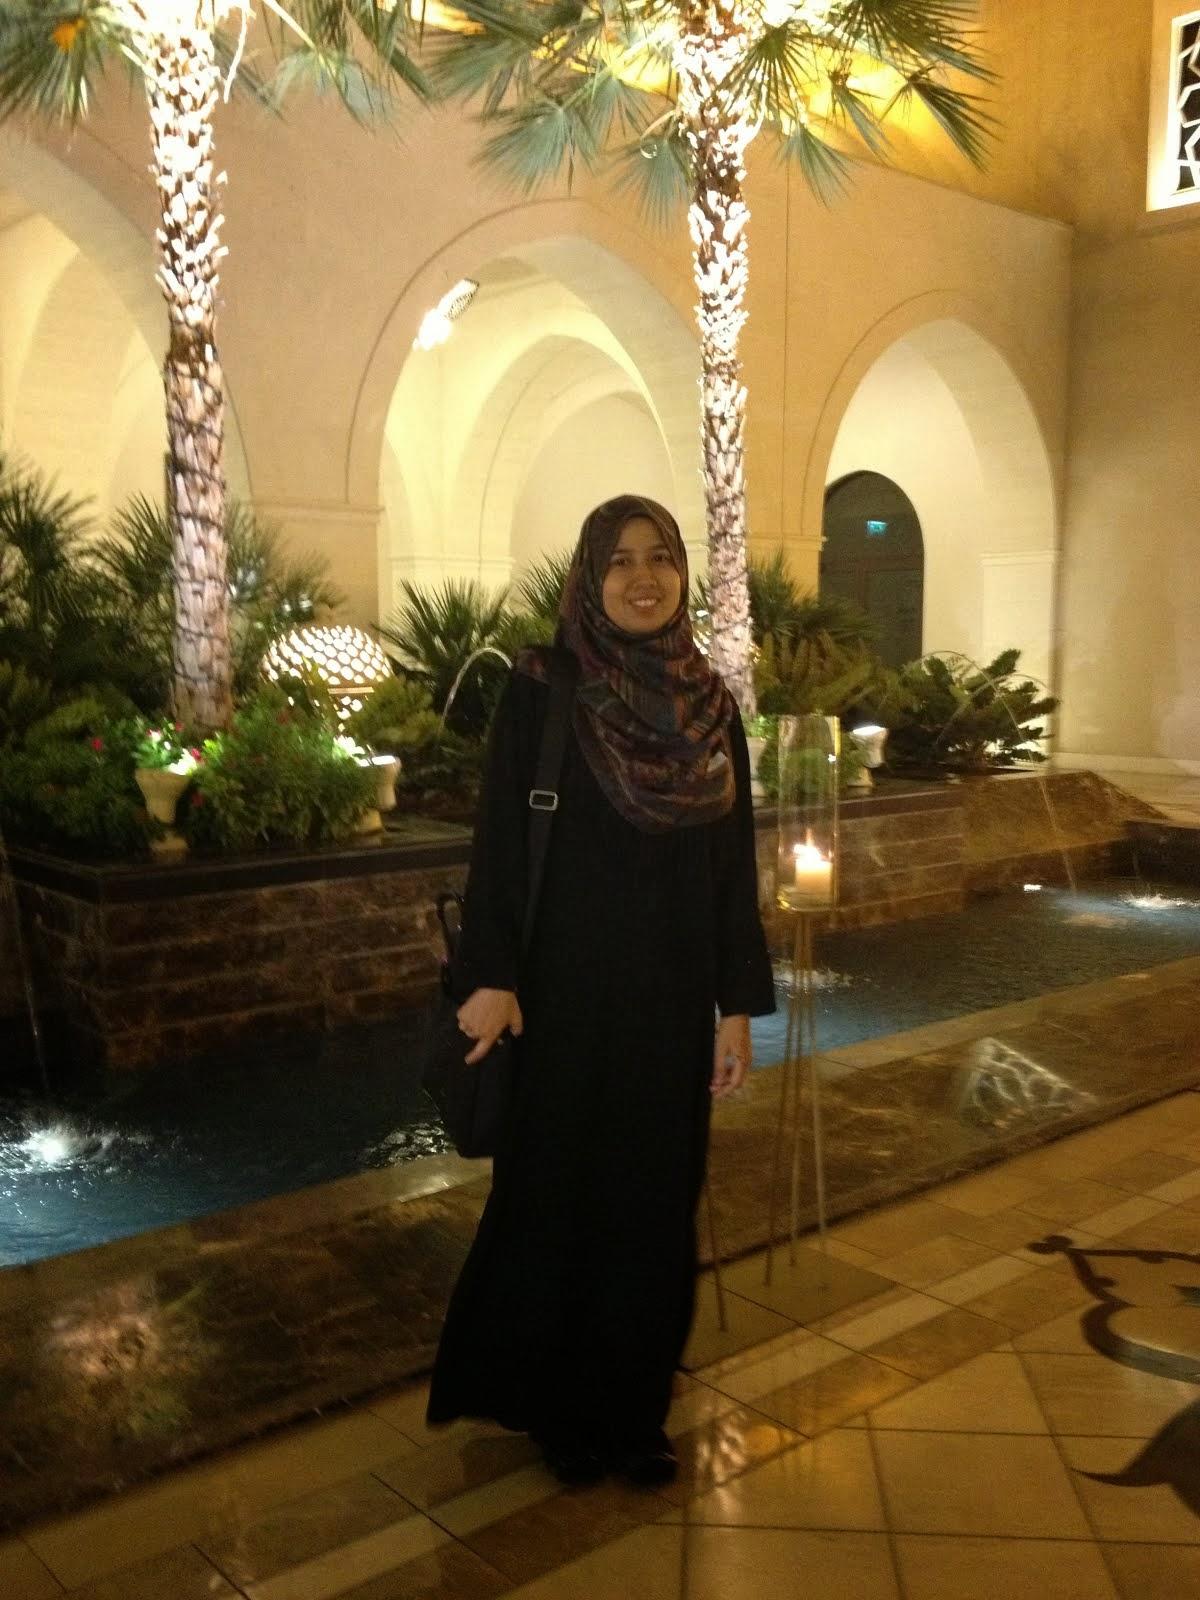 Salam Sayang, Saya Wan Fatihanum owner blog ini, sebarang pertanyaan boleh sms/whatsapp: 0193308053